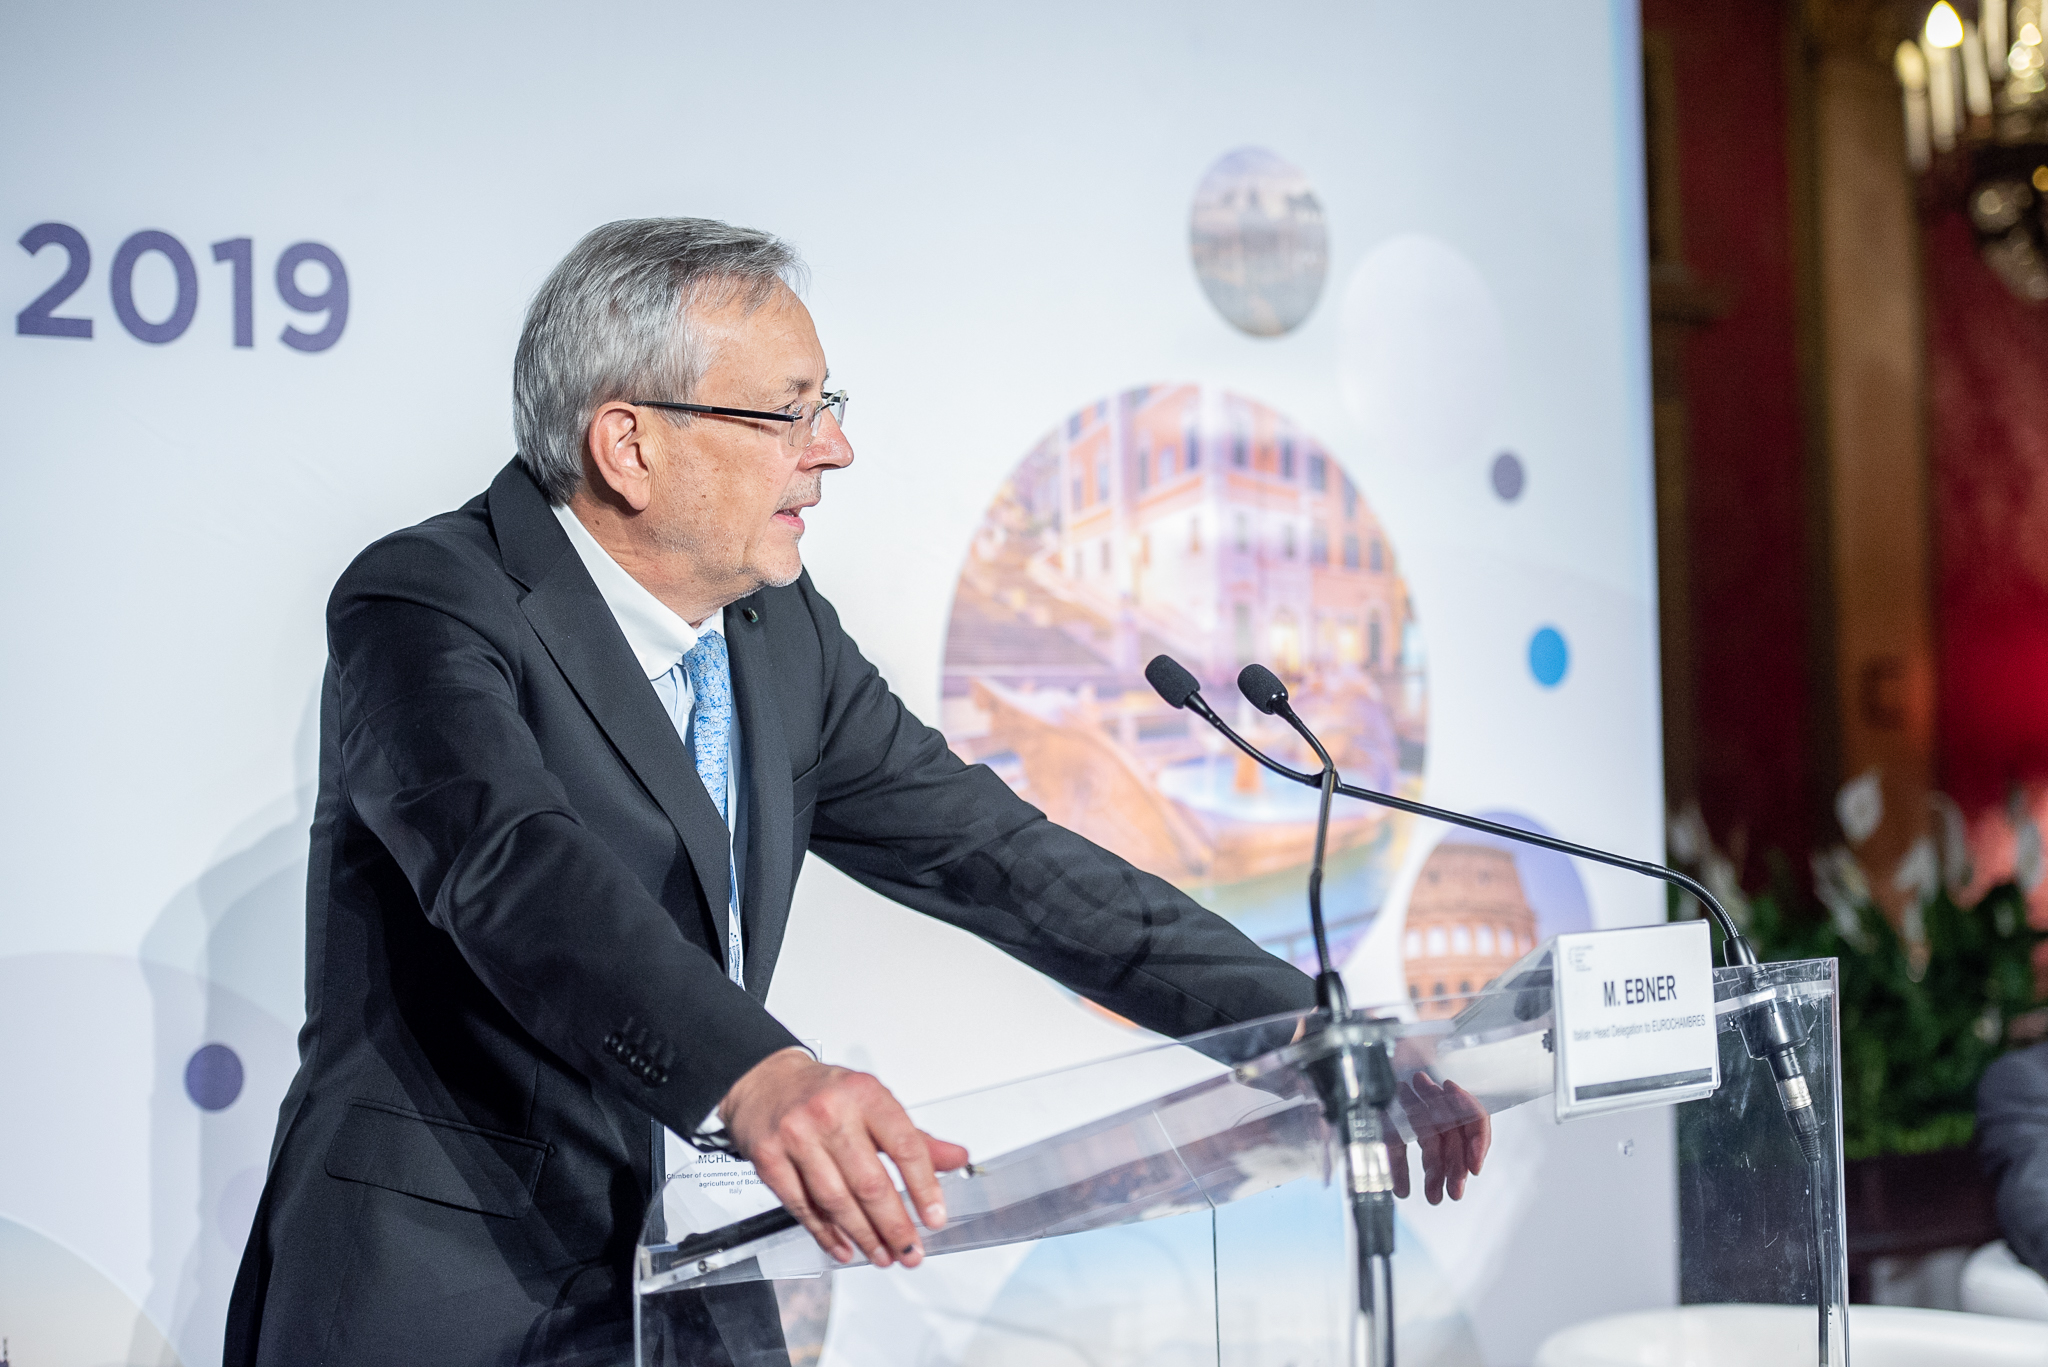 Michl Ebner als Eurochambres-Vizepräsident bestätigt